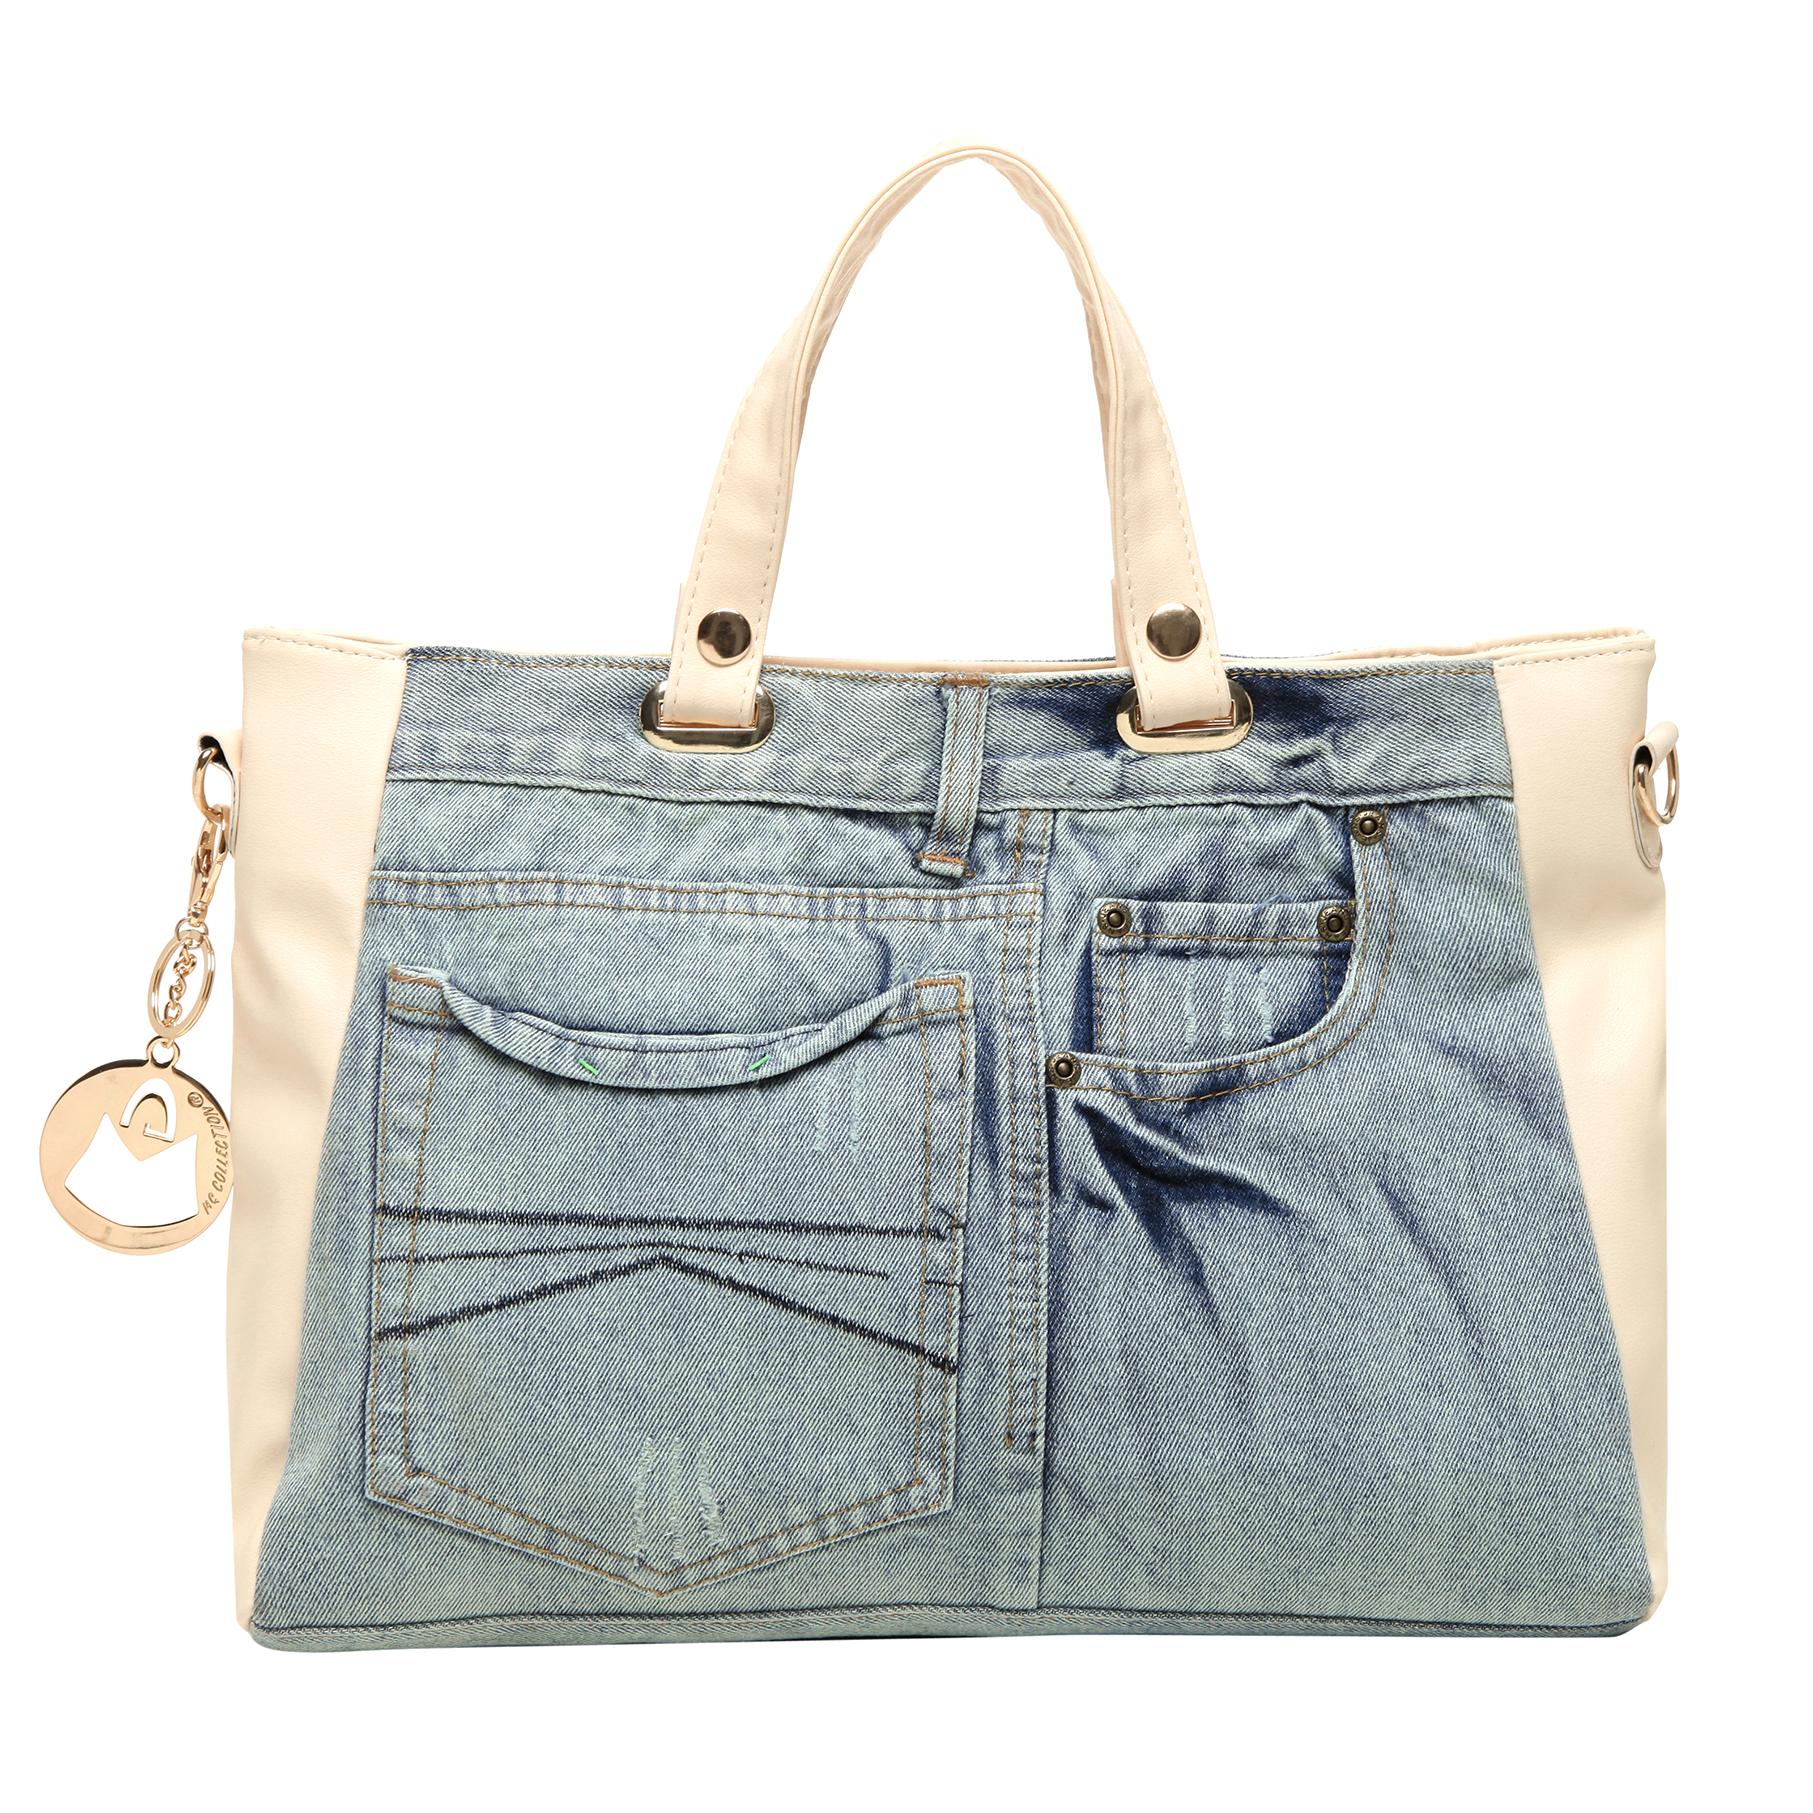 ASTA Beige & Blue Denim Jeans Handbag back